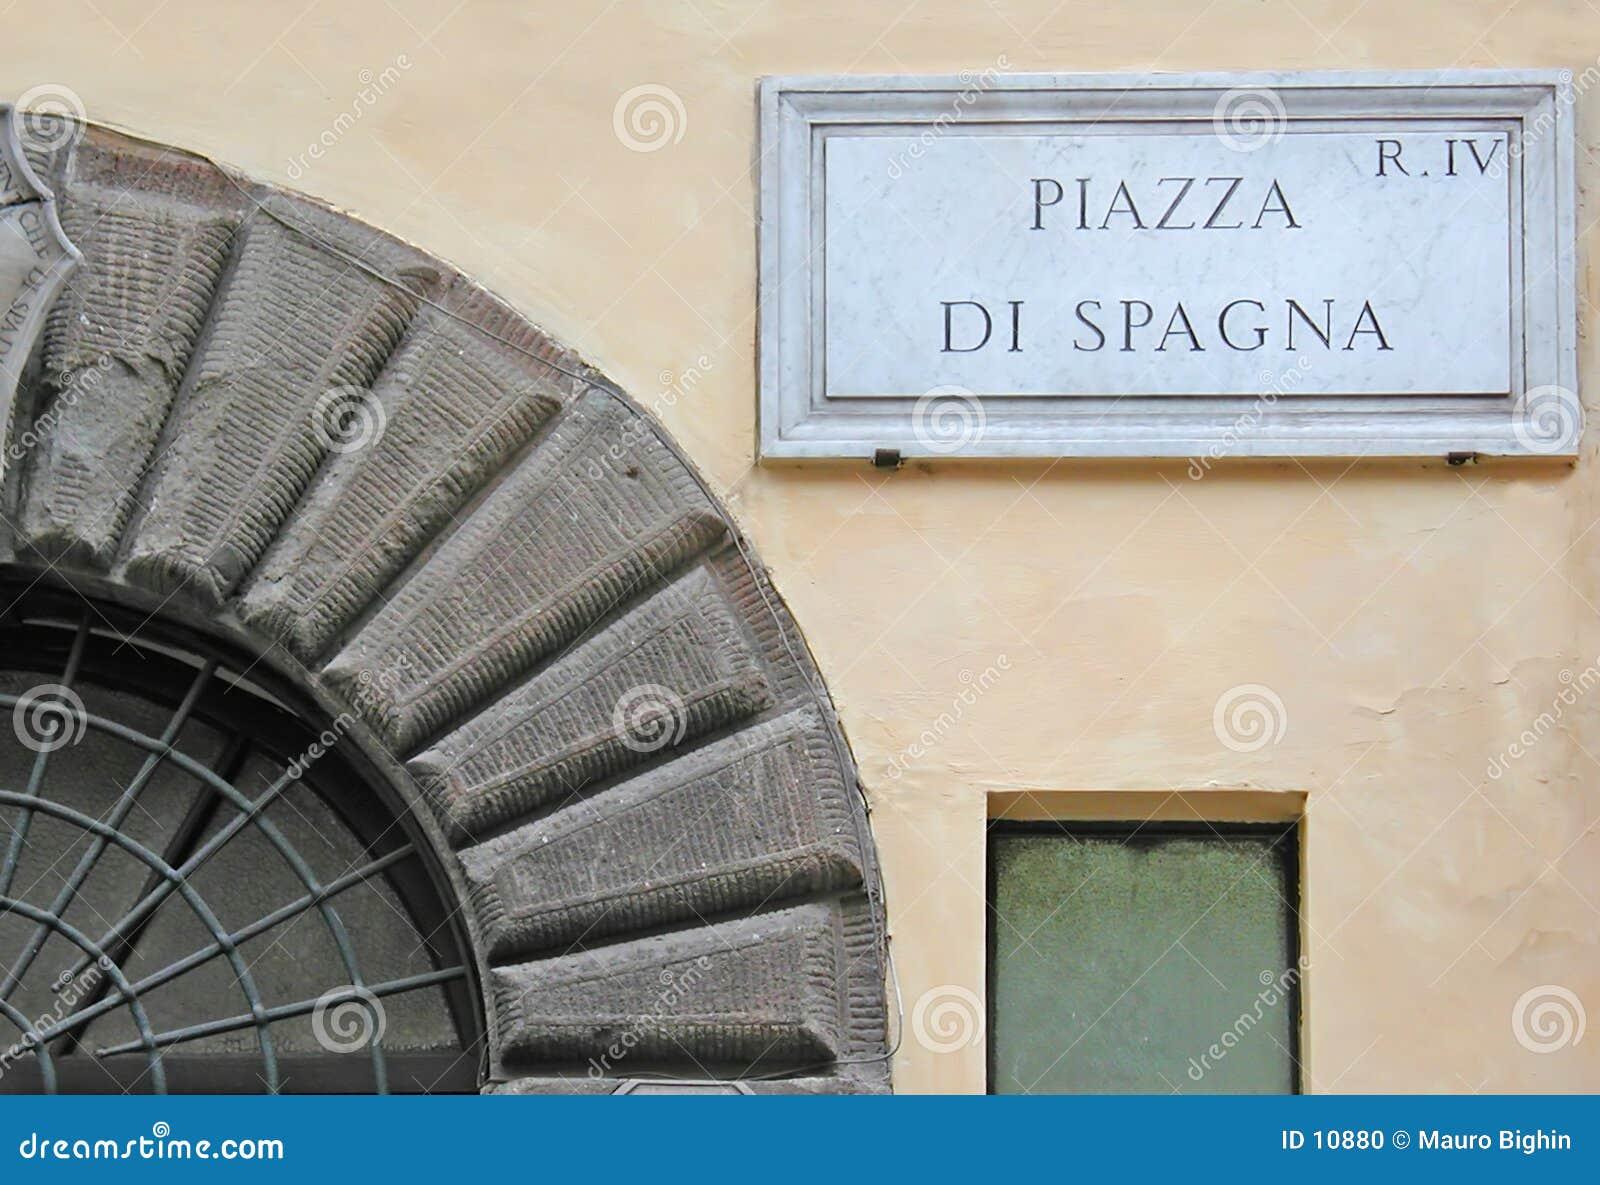 Segno della Piazza di Spagna - Roma - Italia